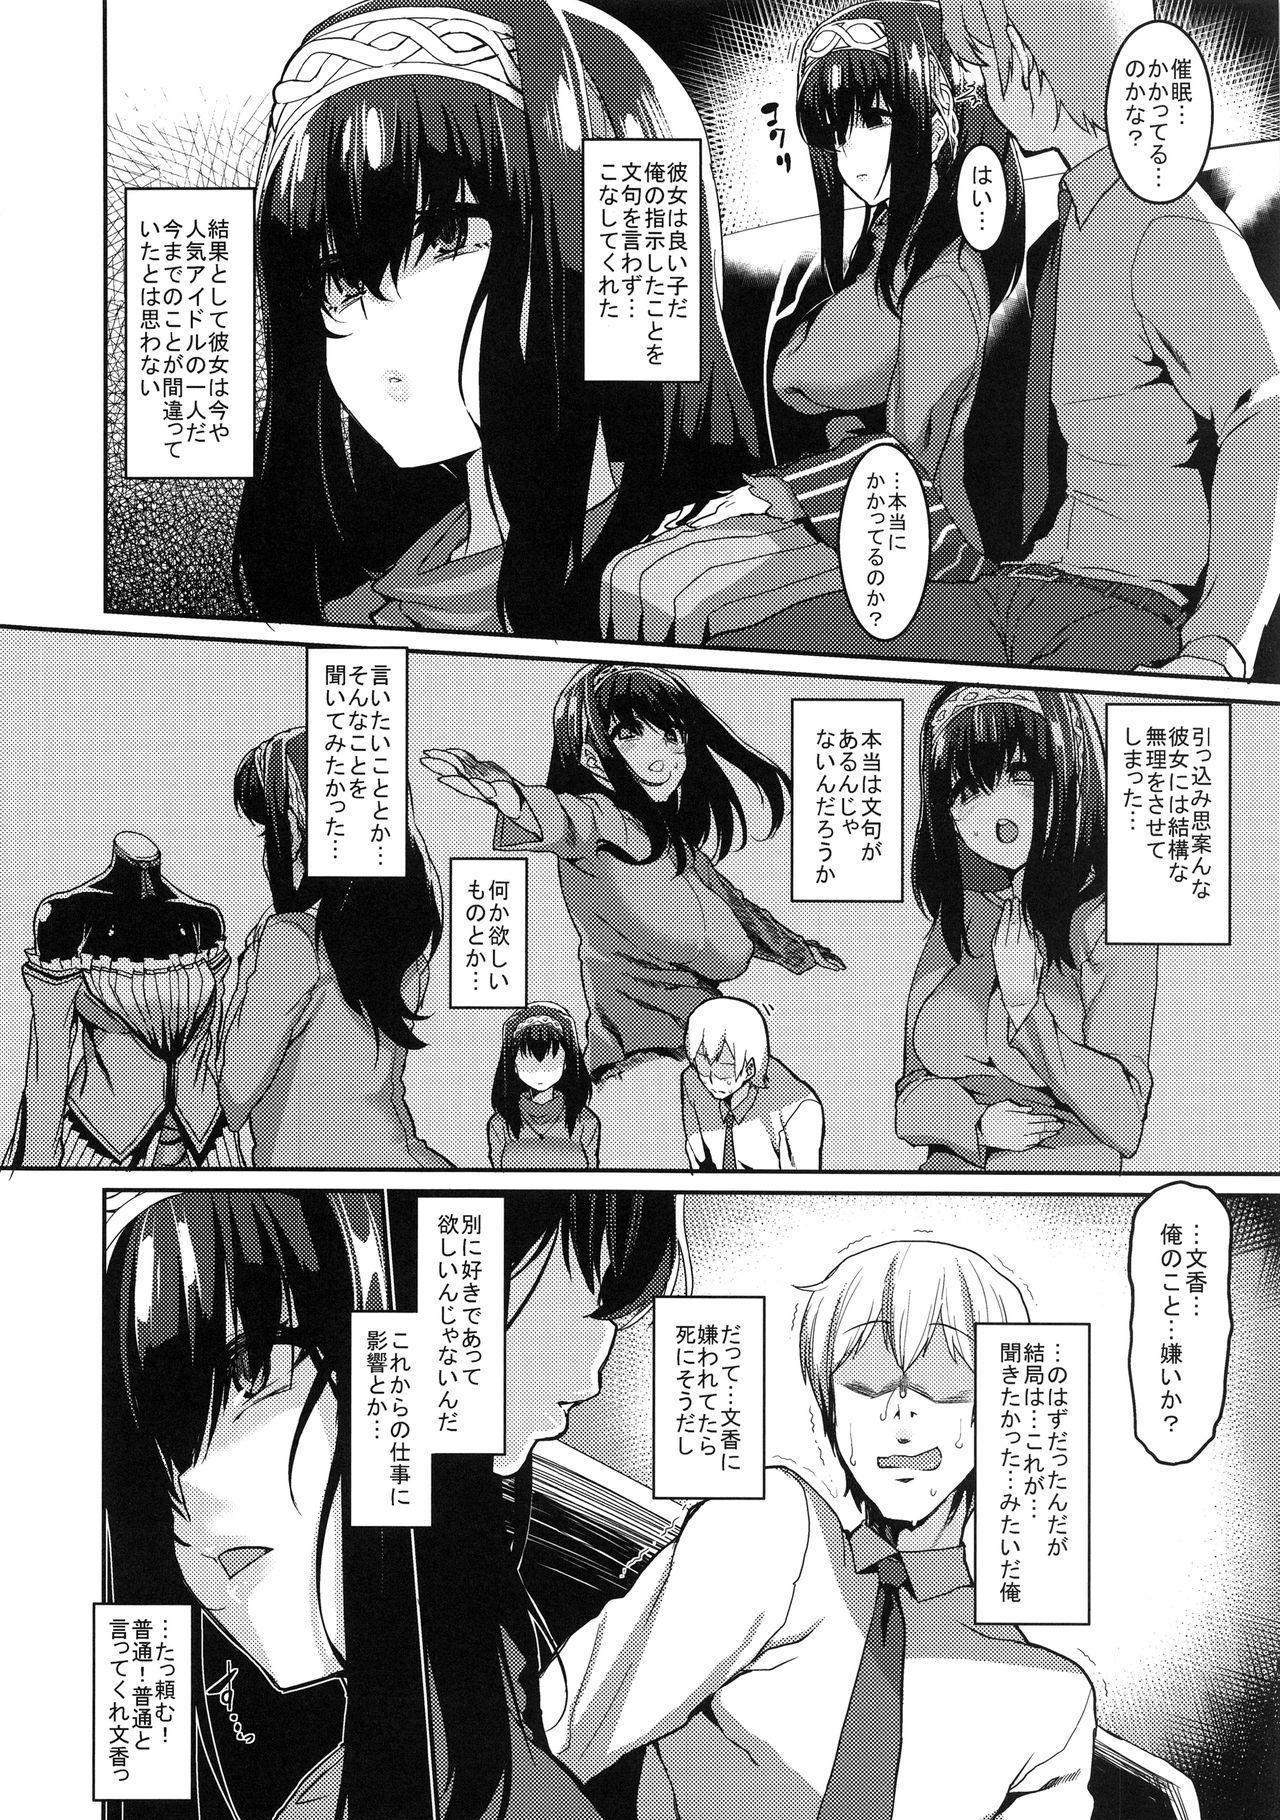 Fumika to Saimin 4